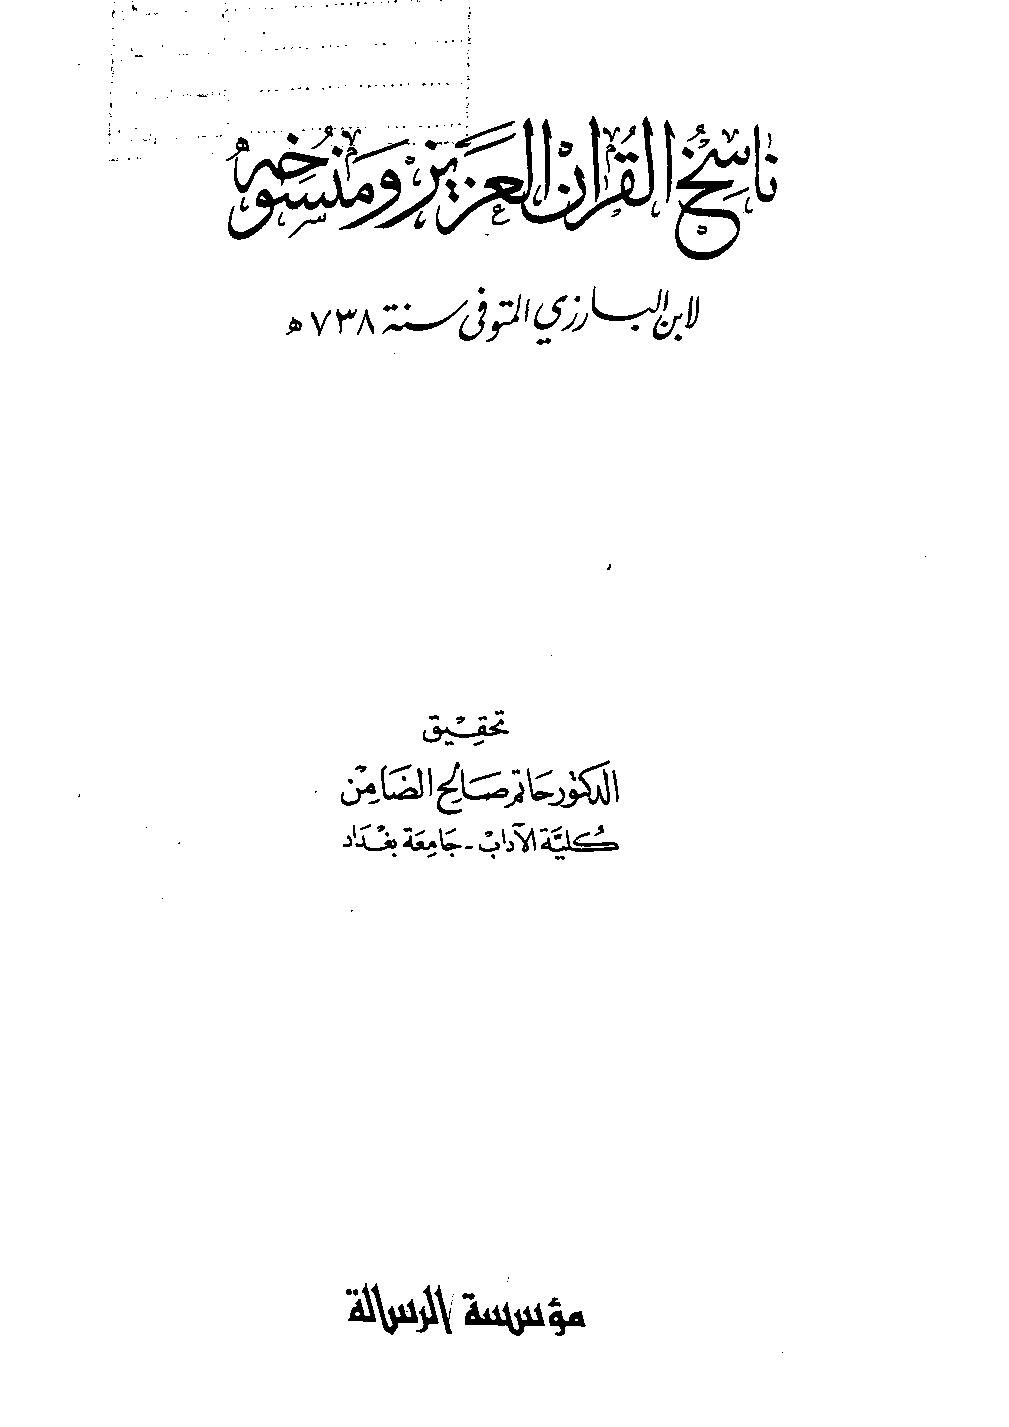 تحميل كتاب ناسخ القرآن العزيز ومنسوخه لـِ: الإمام هبة الله بن عبد الرحيم بن إبراهيم، المعروف بشرف الدين ابن البارزي (ت 738)